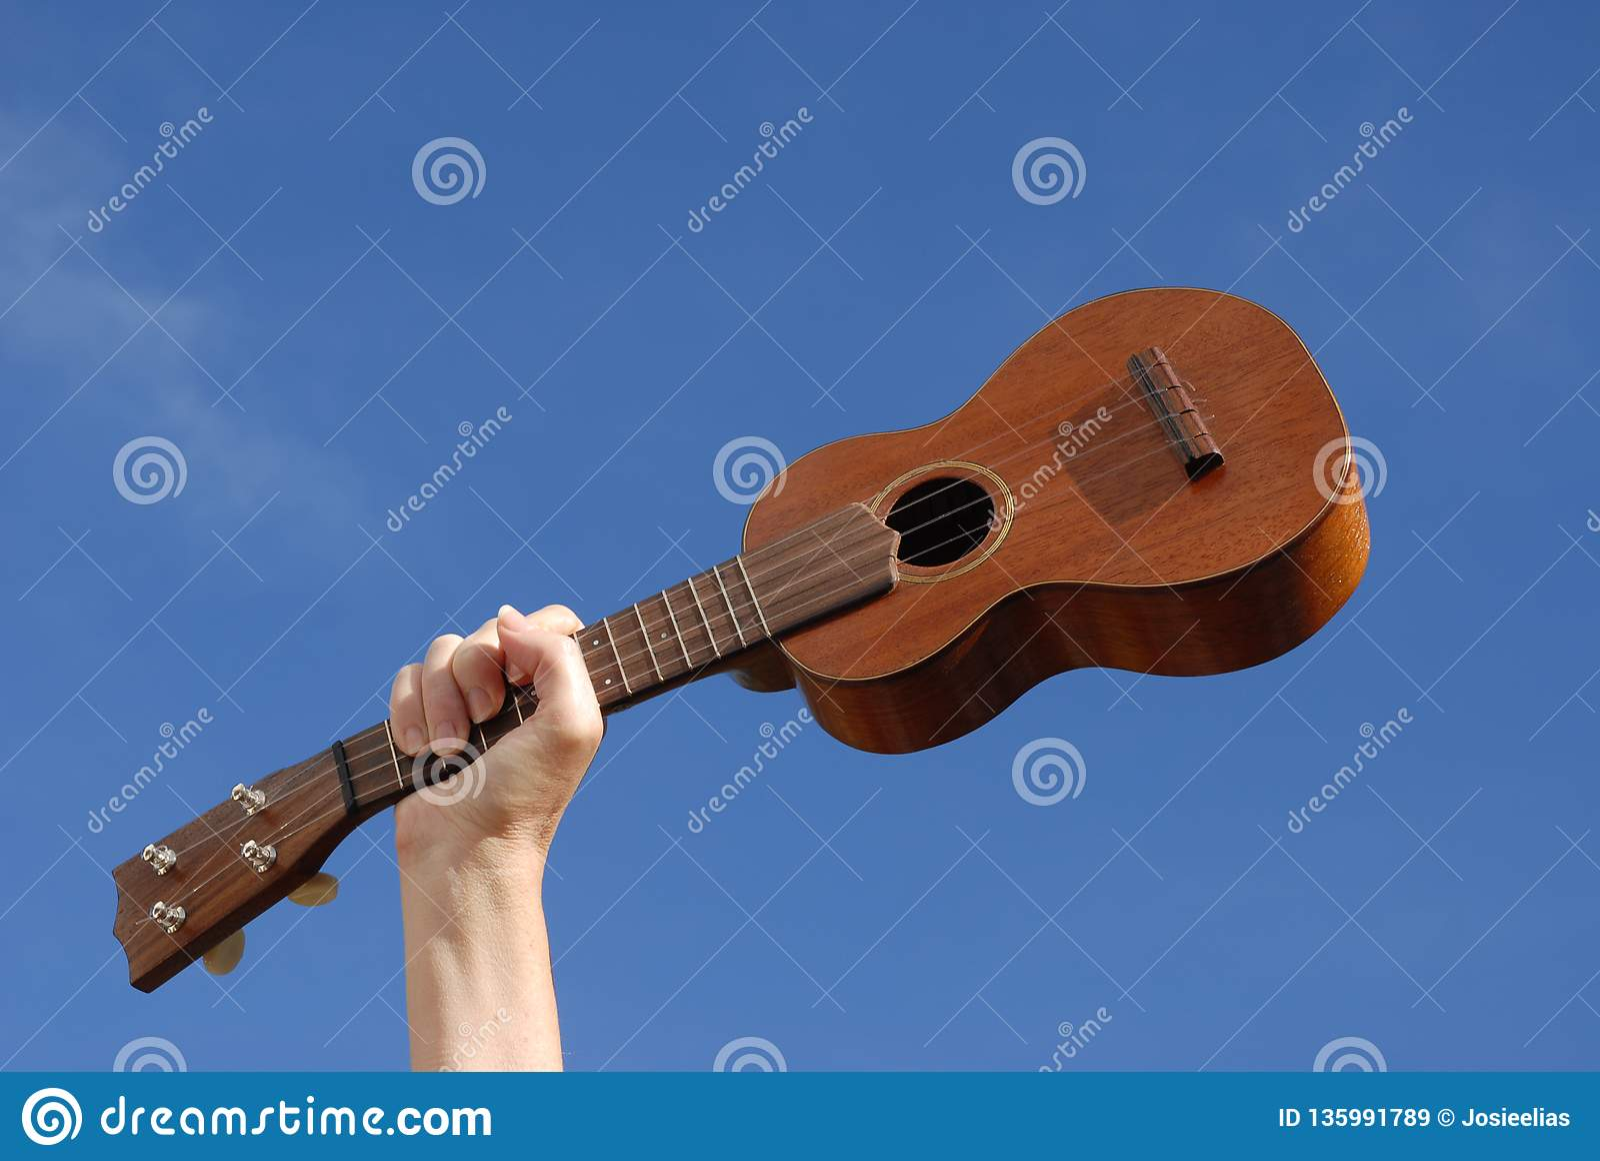 Рука и гавайская гитара против голубого неба